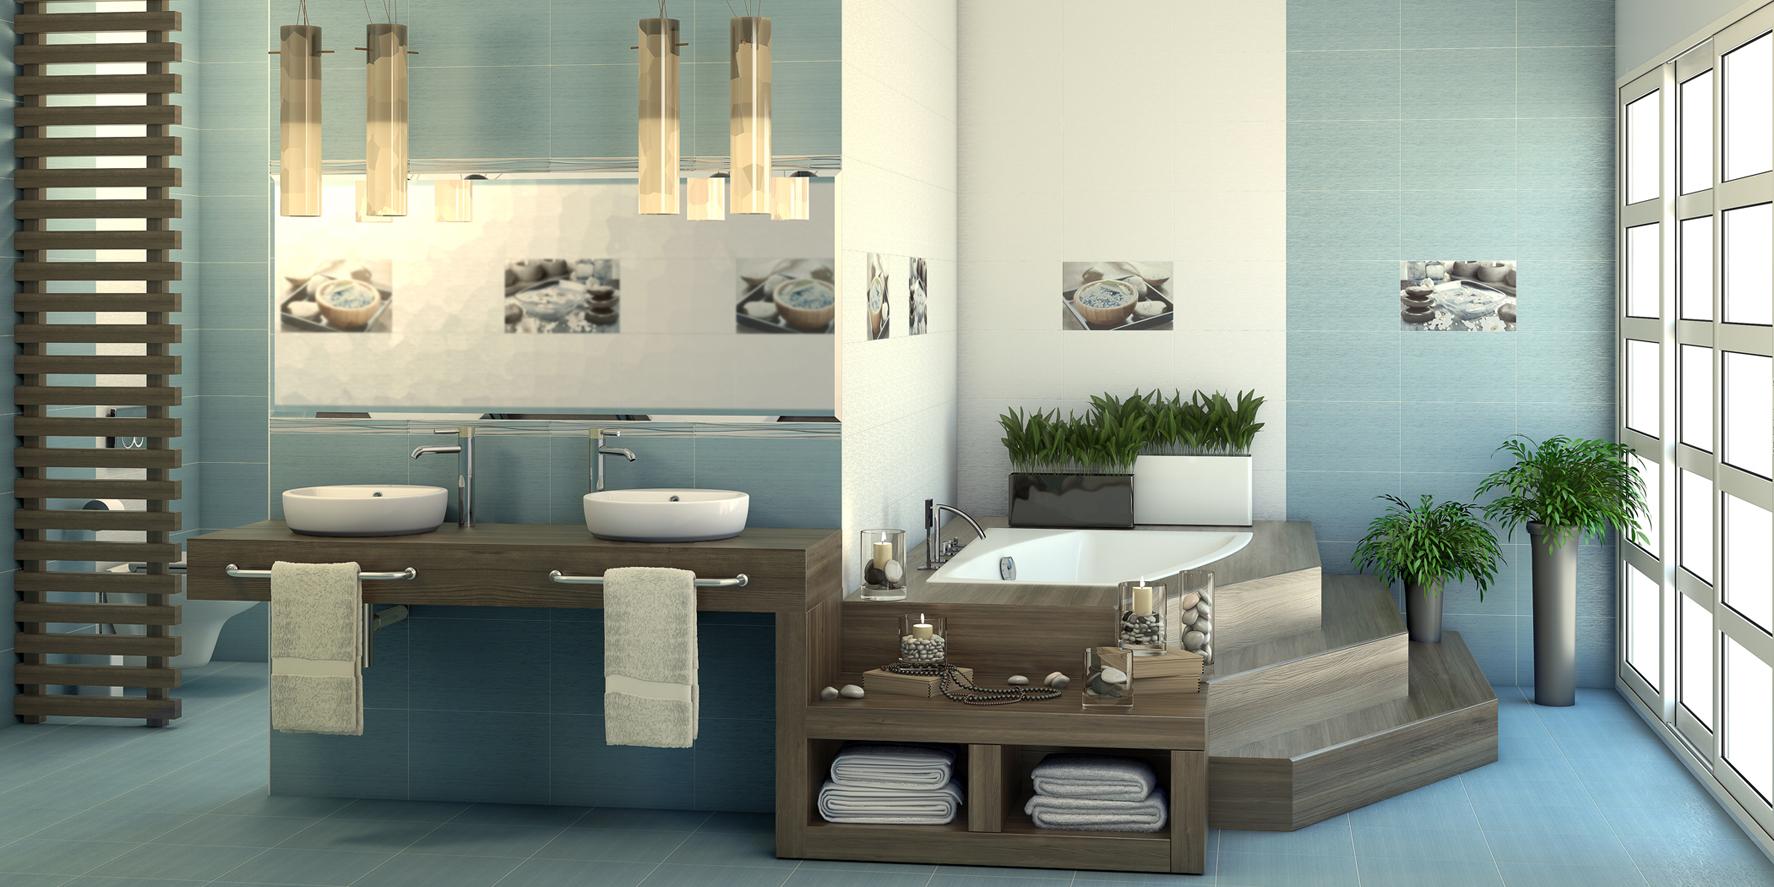 Голубая плитка в японском стиле